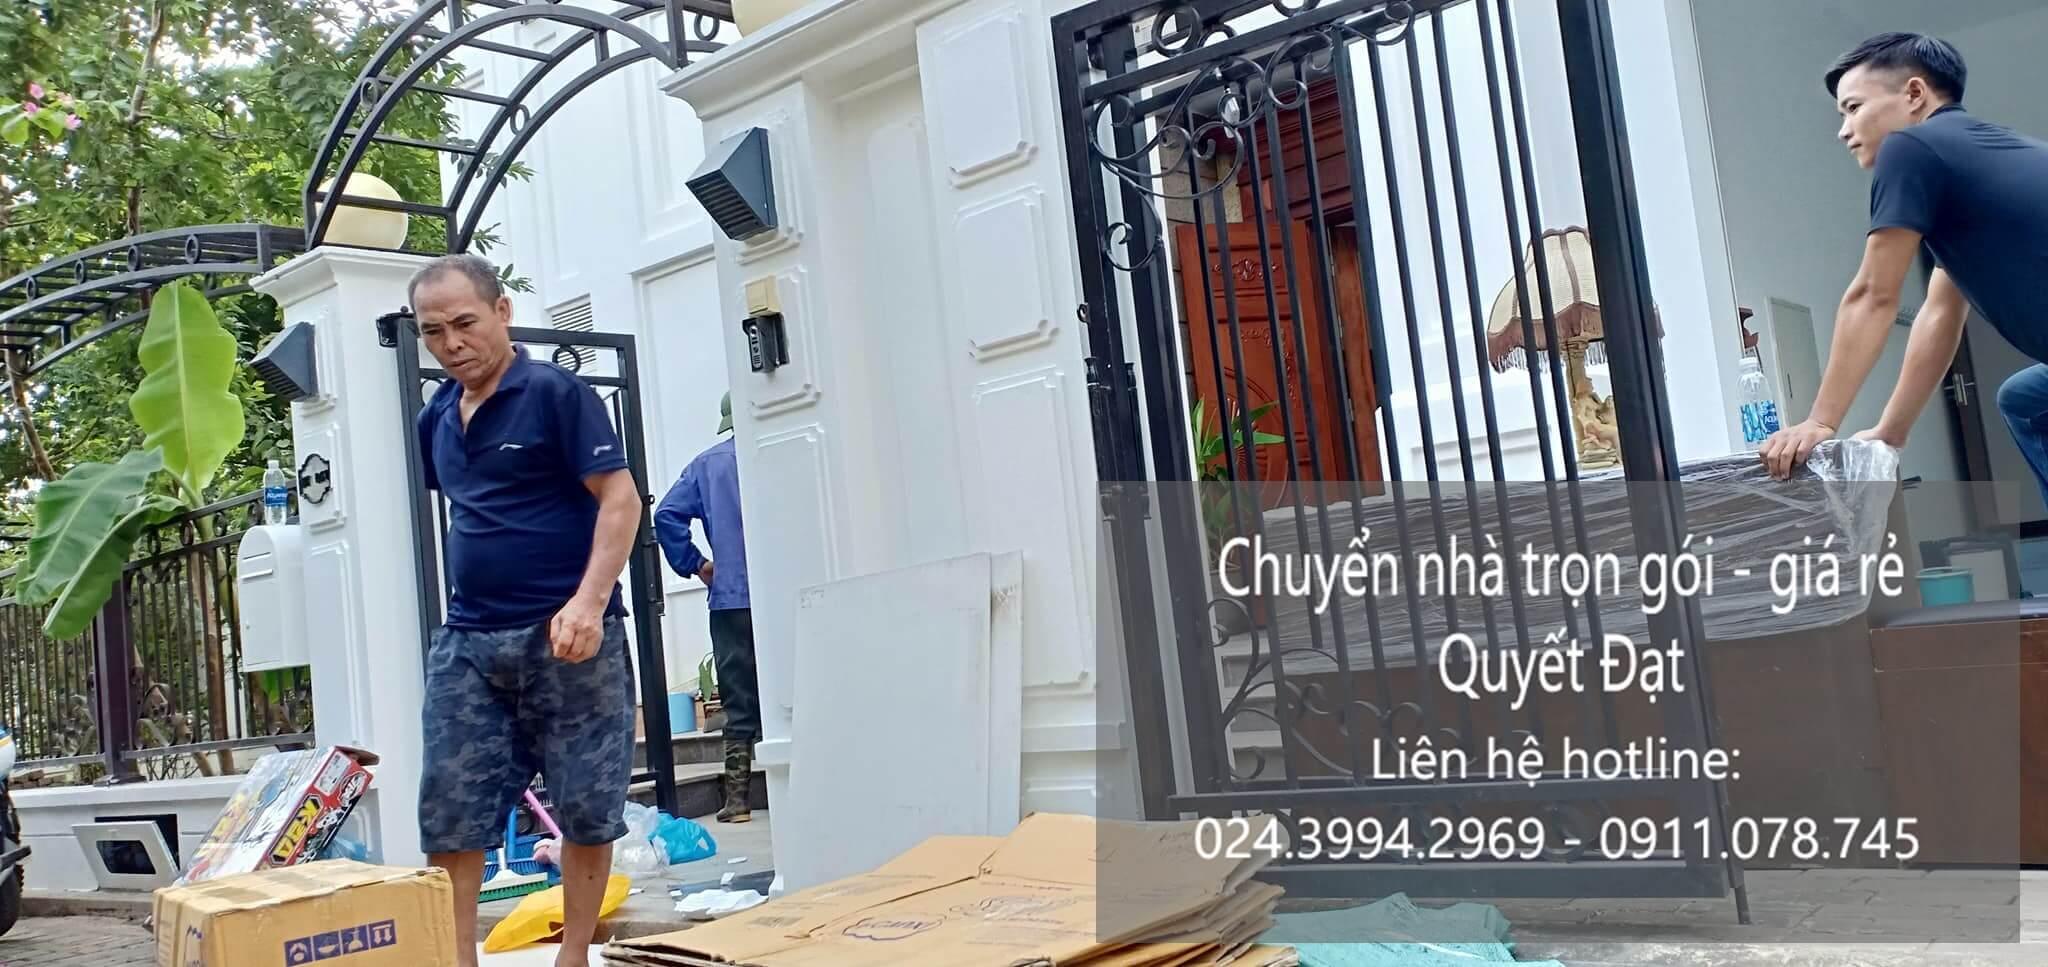 cho thuê xe tải chuyển nhà giá rẻ tại Hà Nội đến Nam Định